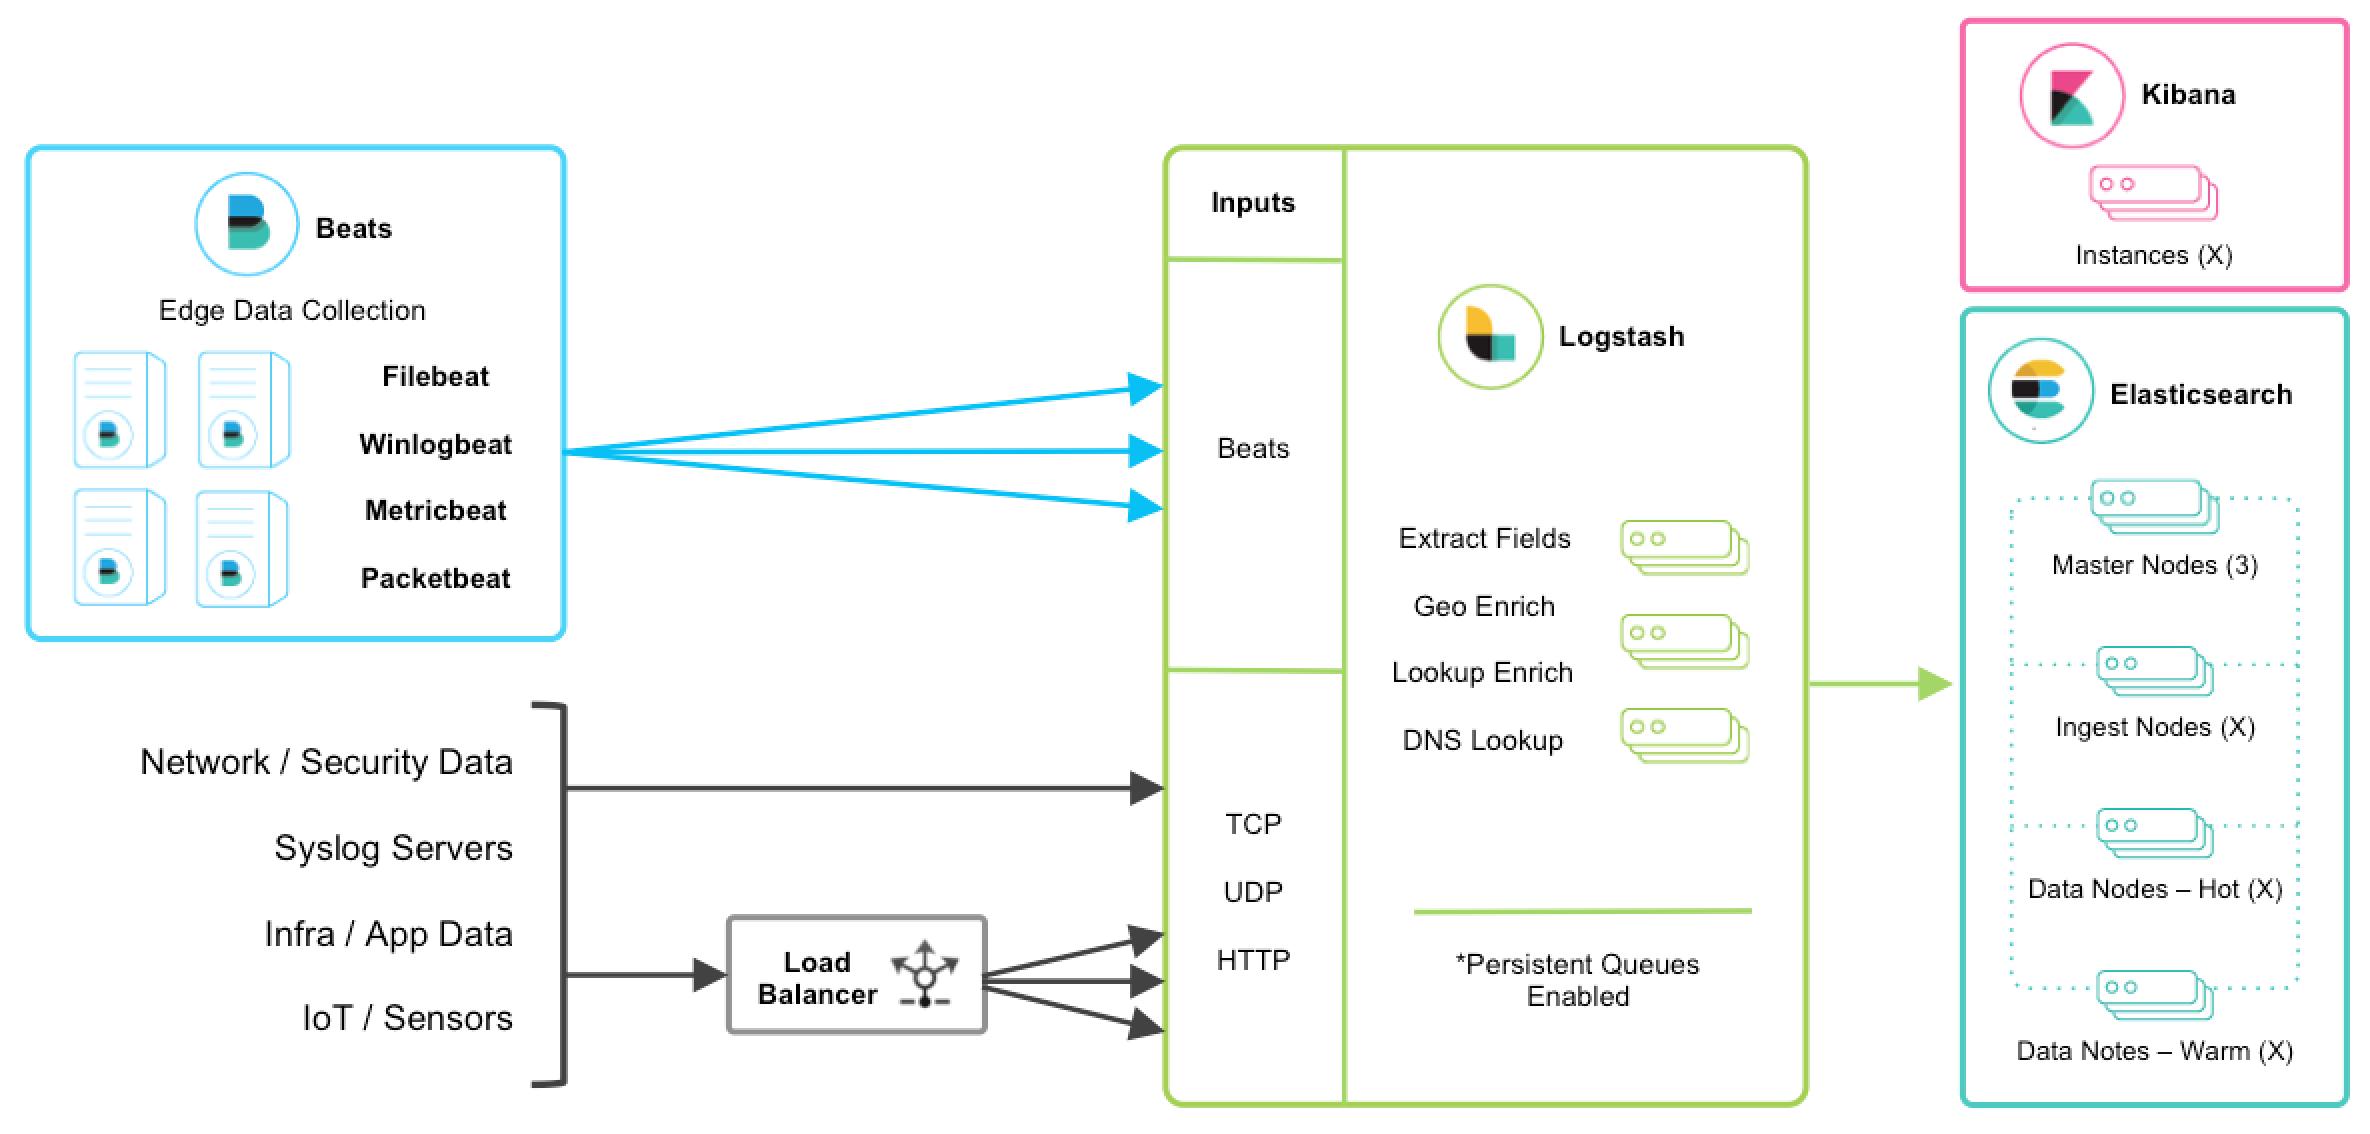 deploying and scaling logstash